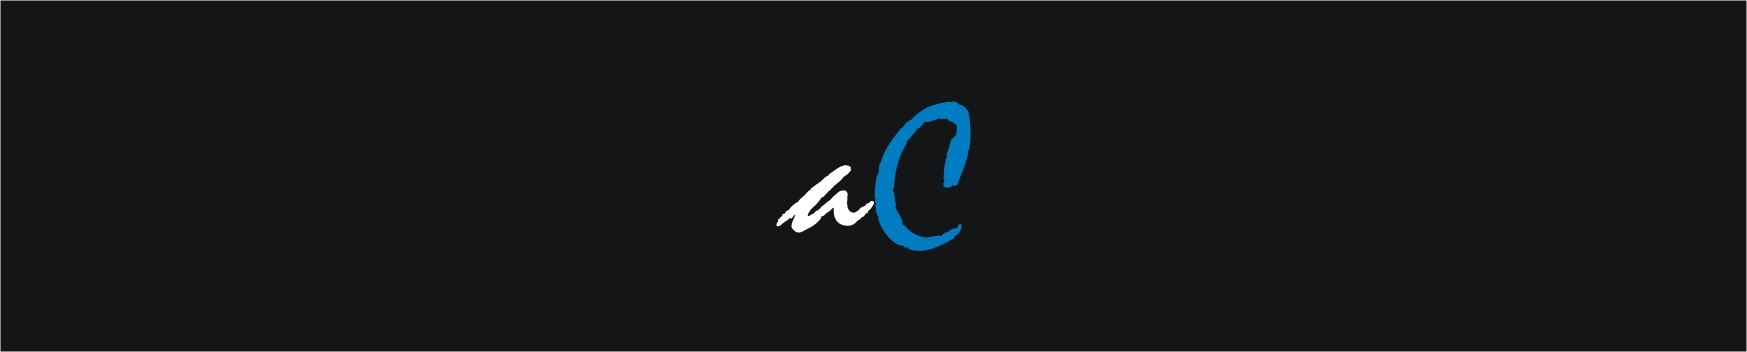 arzuComunicación - Blog de Luna Azul